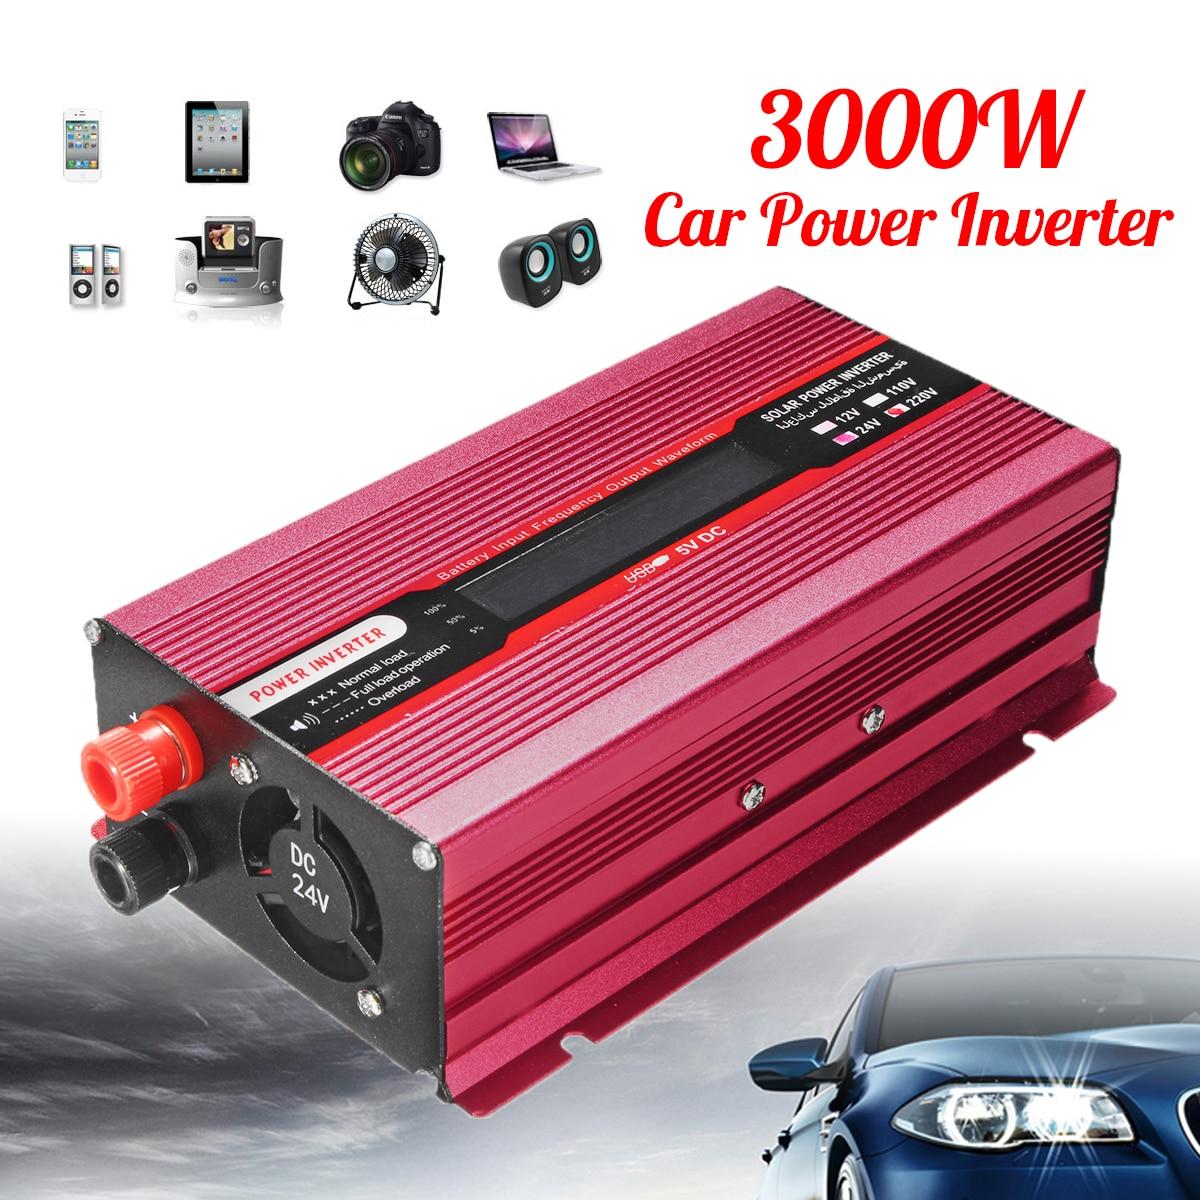 Wave Converter Car Power Inverter PEAK 3000W 12/24V To AC 220/110V USB Modified Sine Low Noise Multiple Voltage Transformer